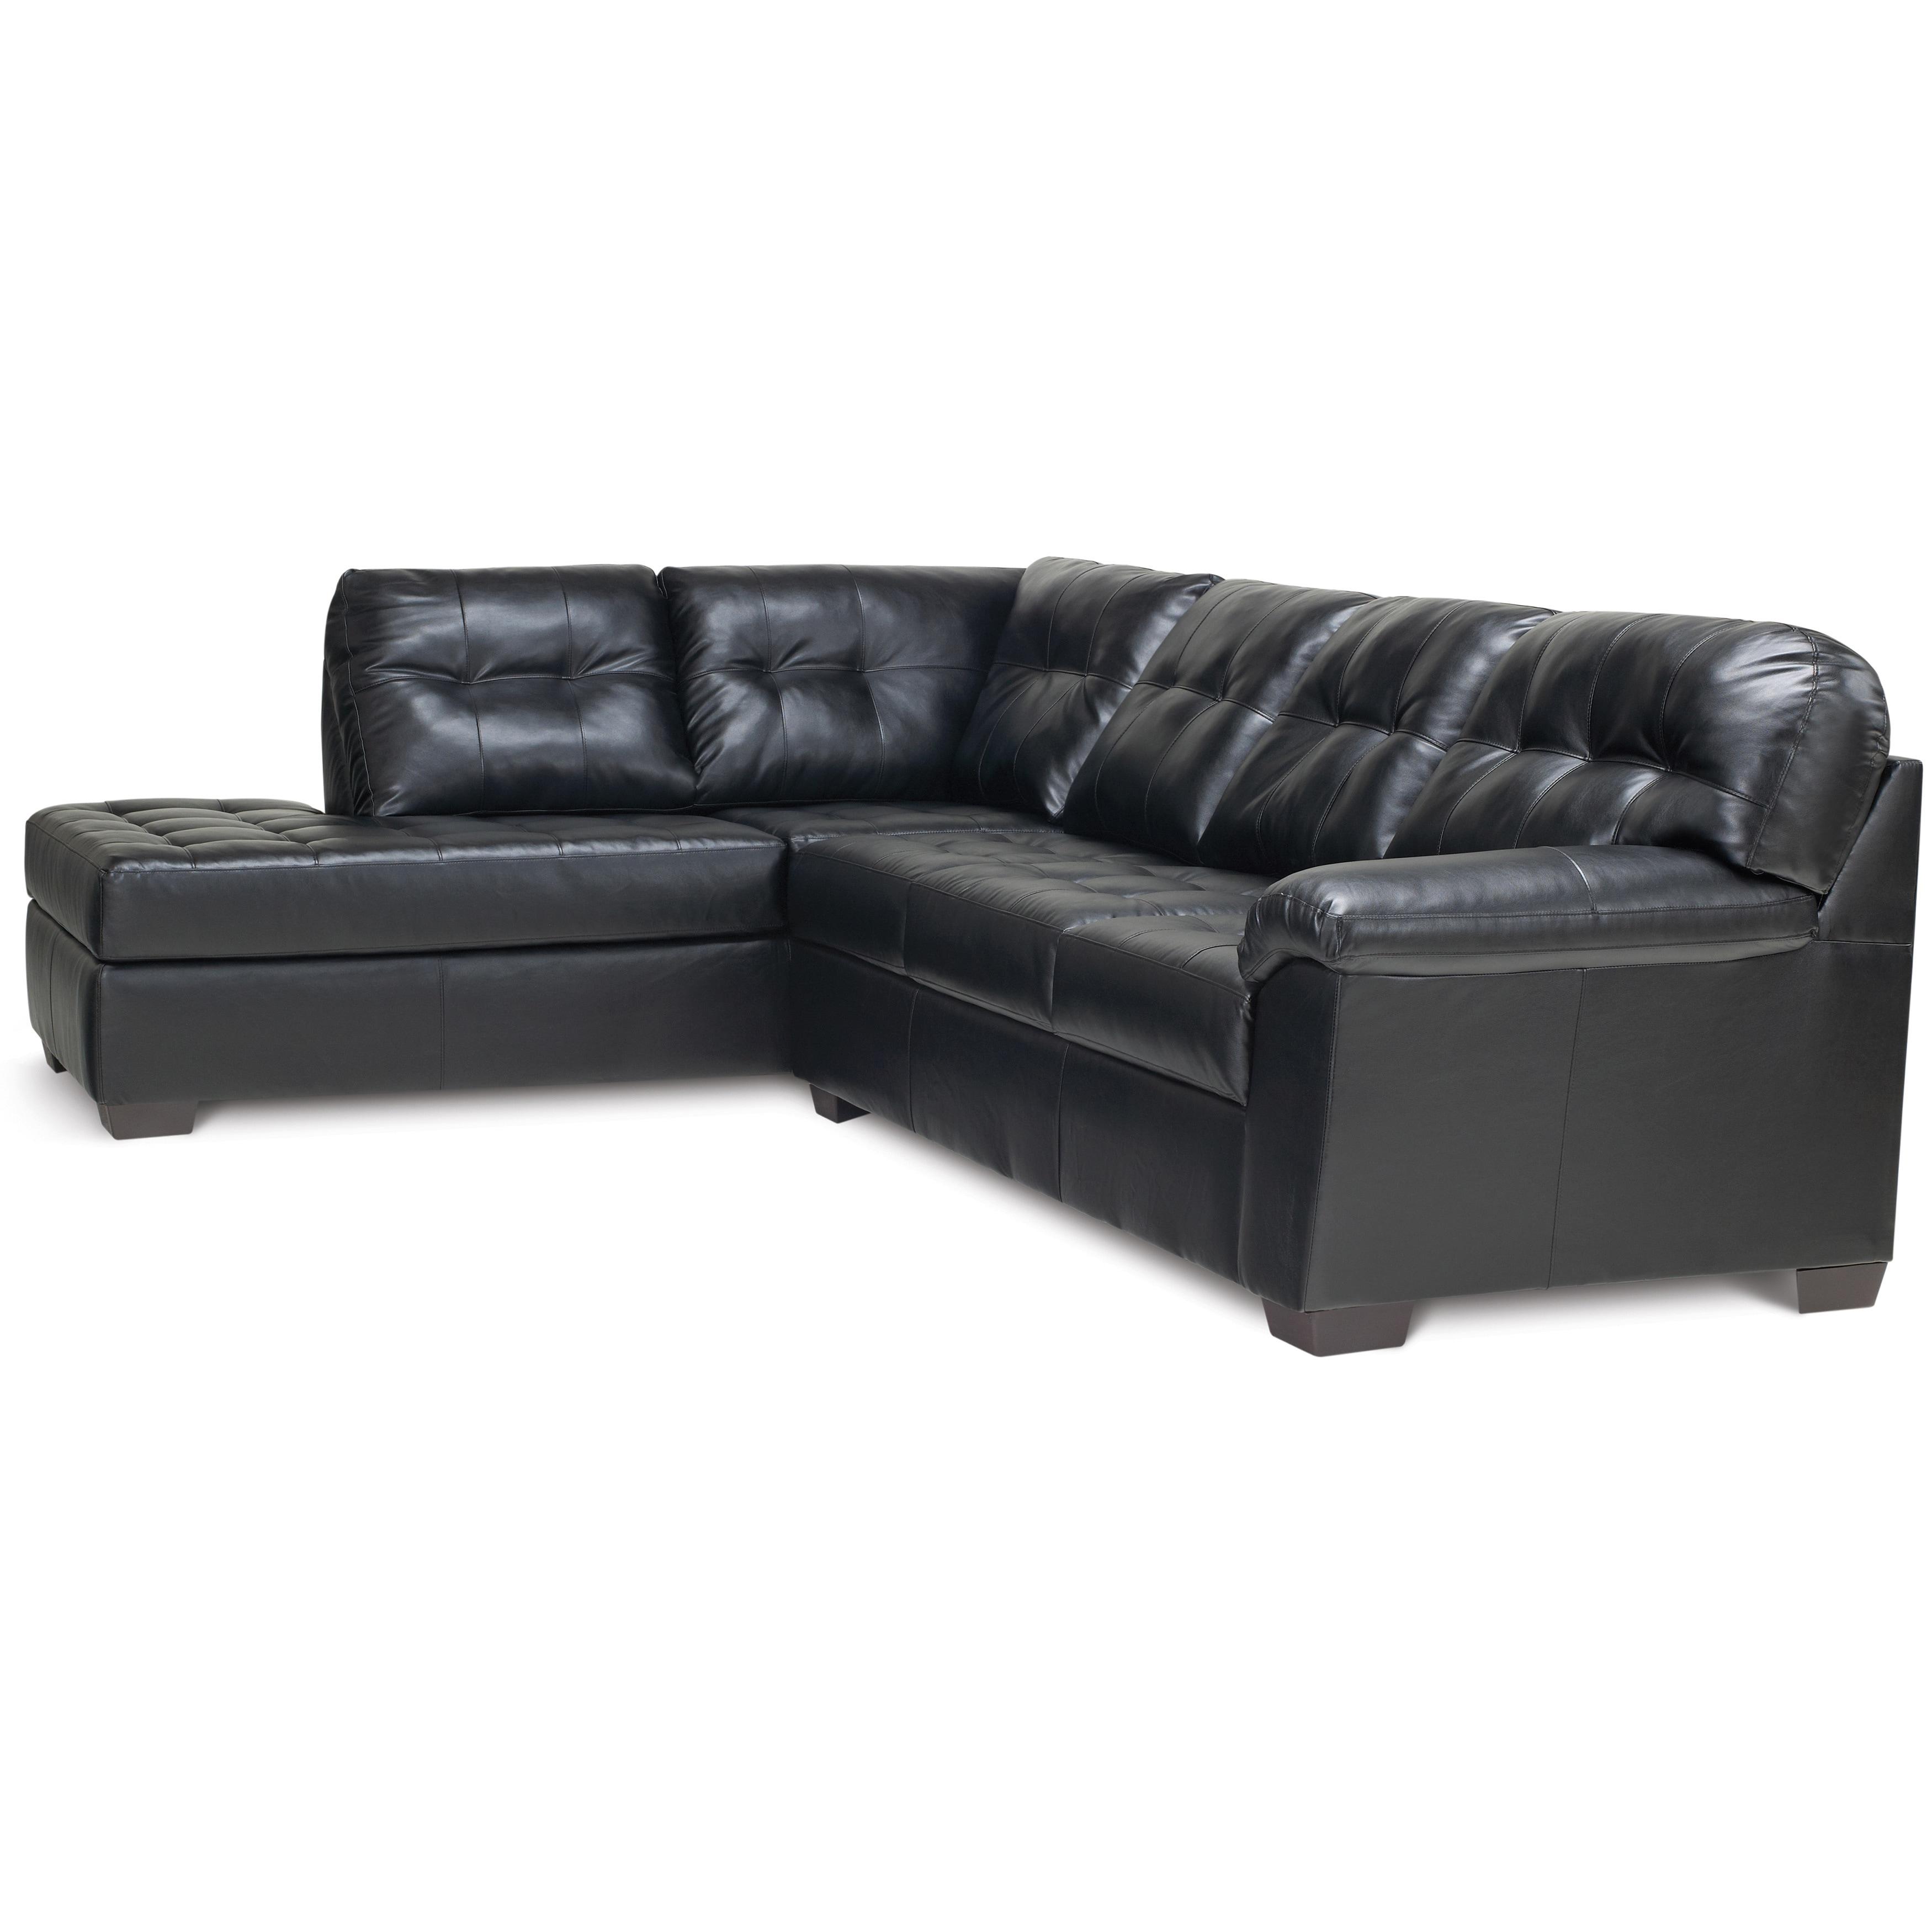 Fabulous Art Van Soho 2 Piece Sleeper Sectional Inzonedesignstudio Interior Chair Design Inzonedesignstudiocom